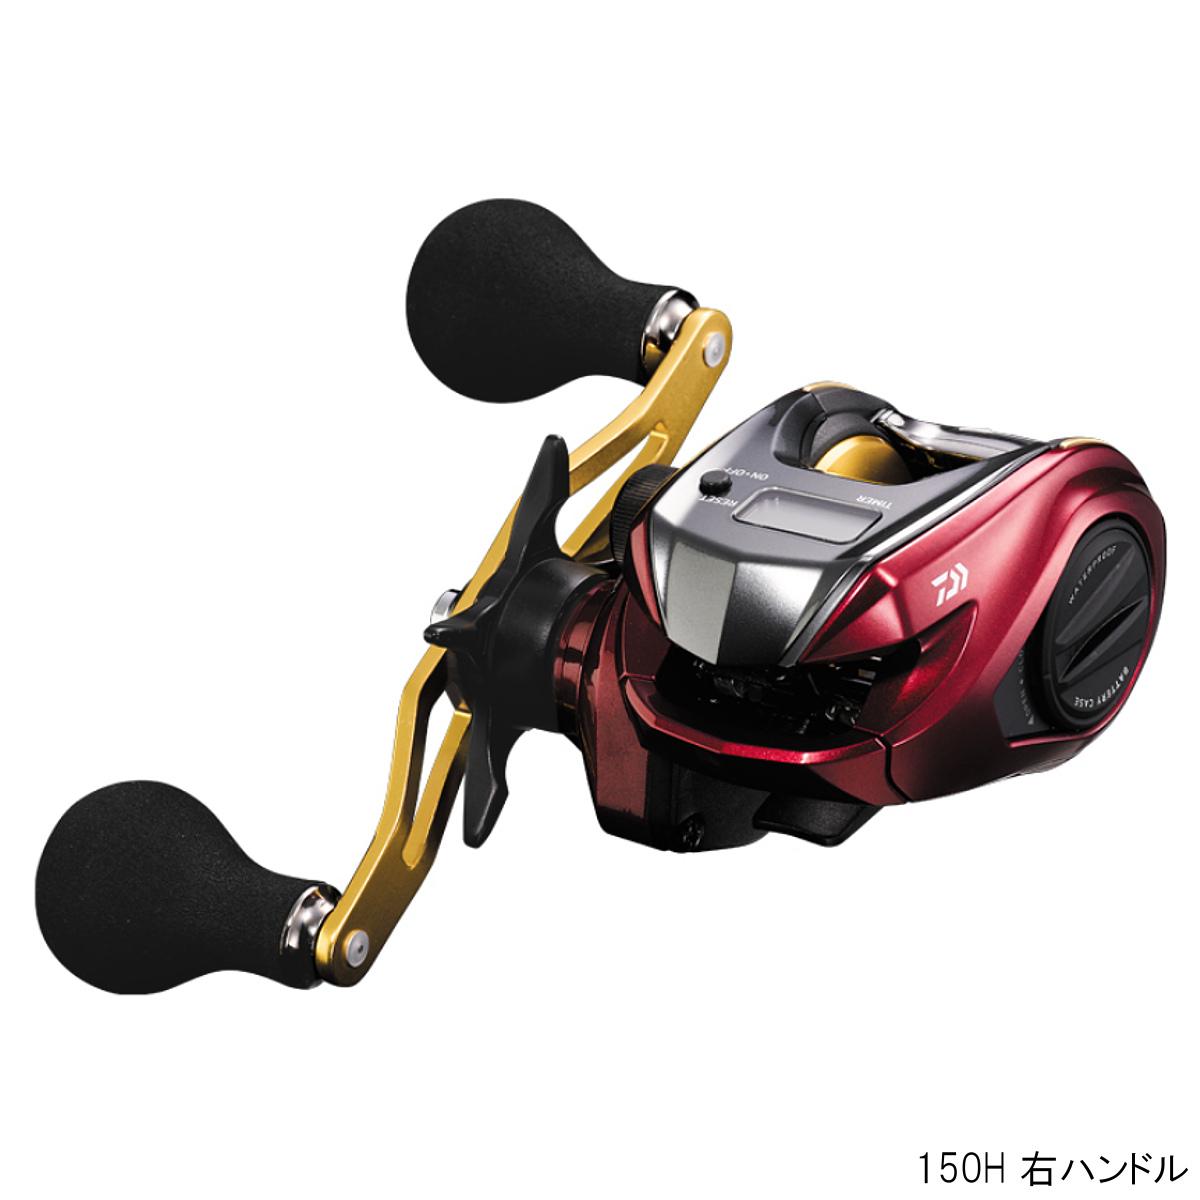 ダイワ スパルタン MX IC 150H 右ハンドル(東日本店)